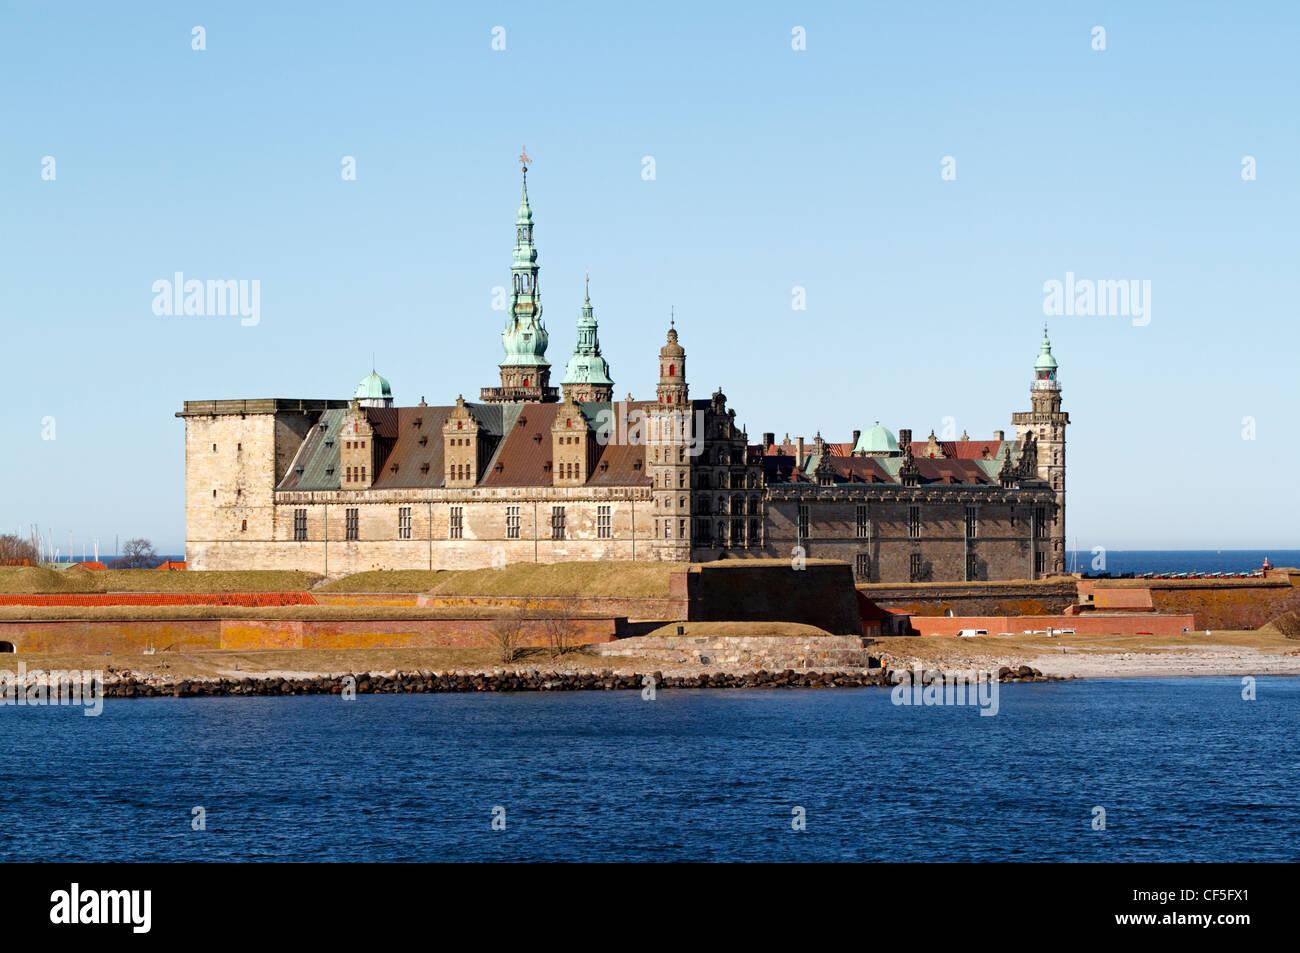 Le château renaissance de Kronborg néerlandais Elseneur, Danemark, vu depuis le pont Oresund, le son, sur une journée de printemps ensoleillée. Banque D'Images